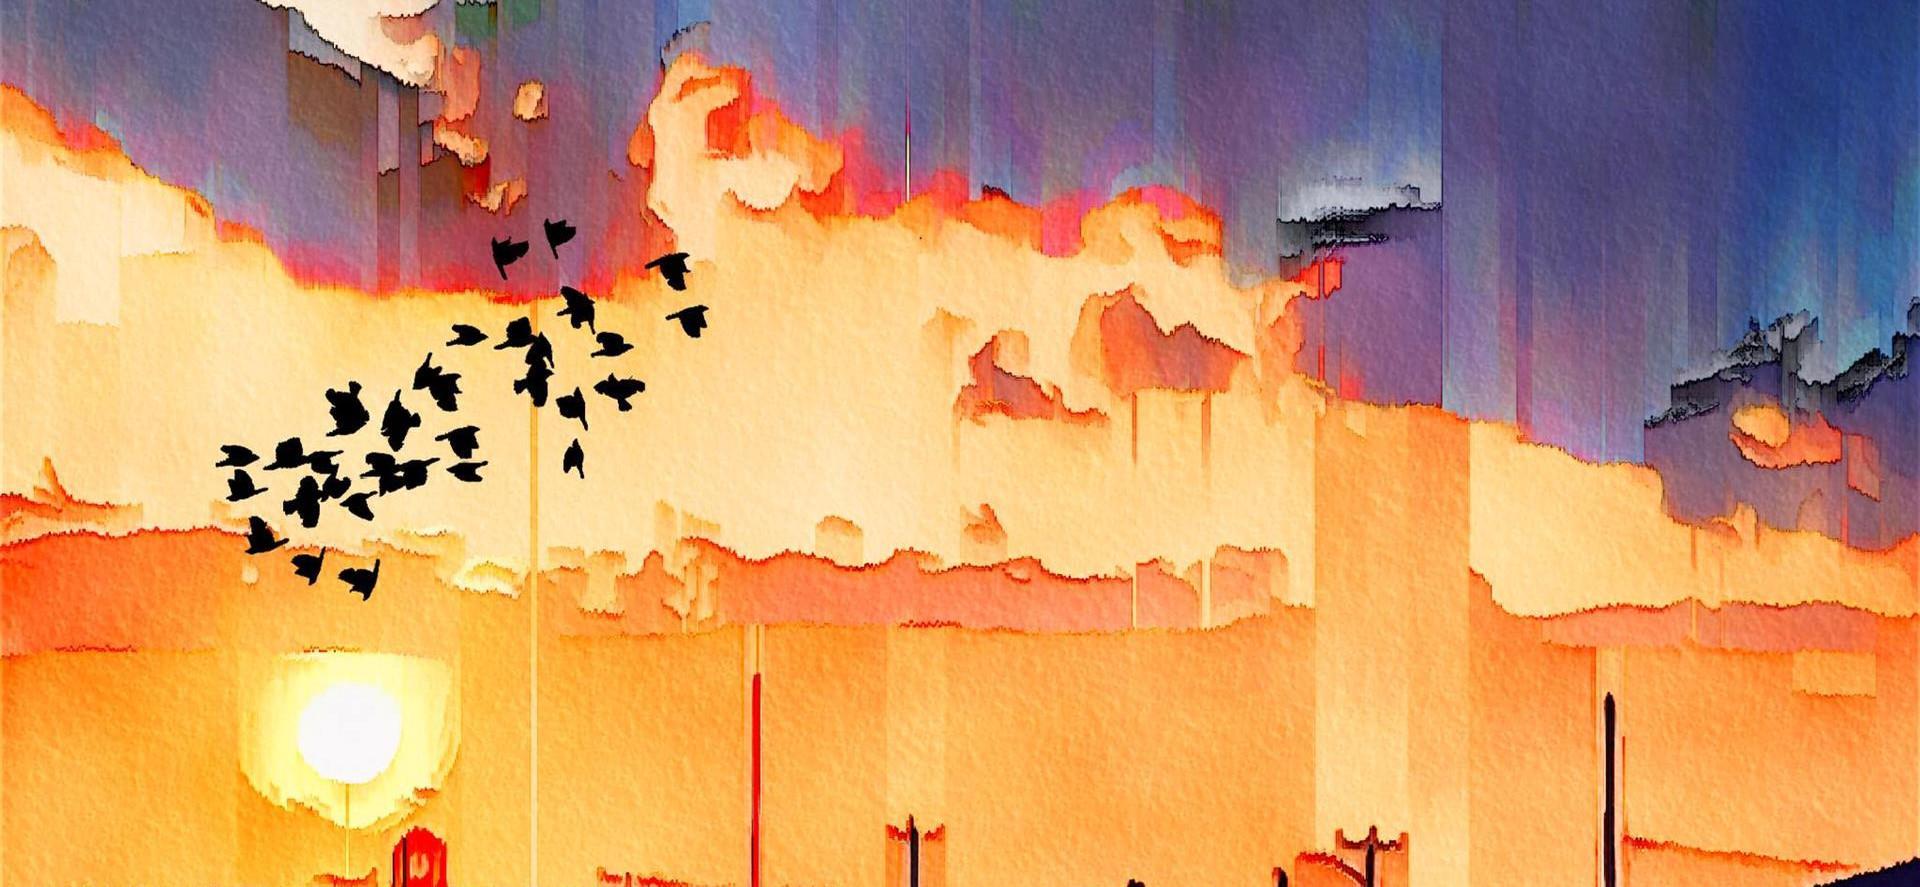 Tornado Over Cape Cod by Katya Rosenzweig